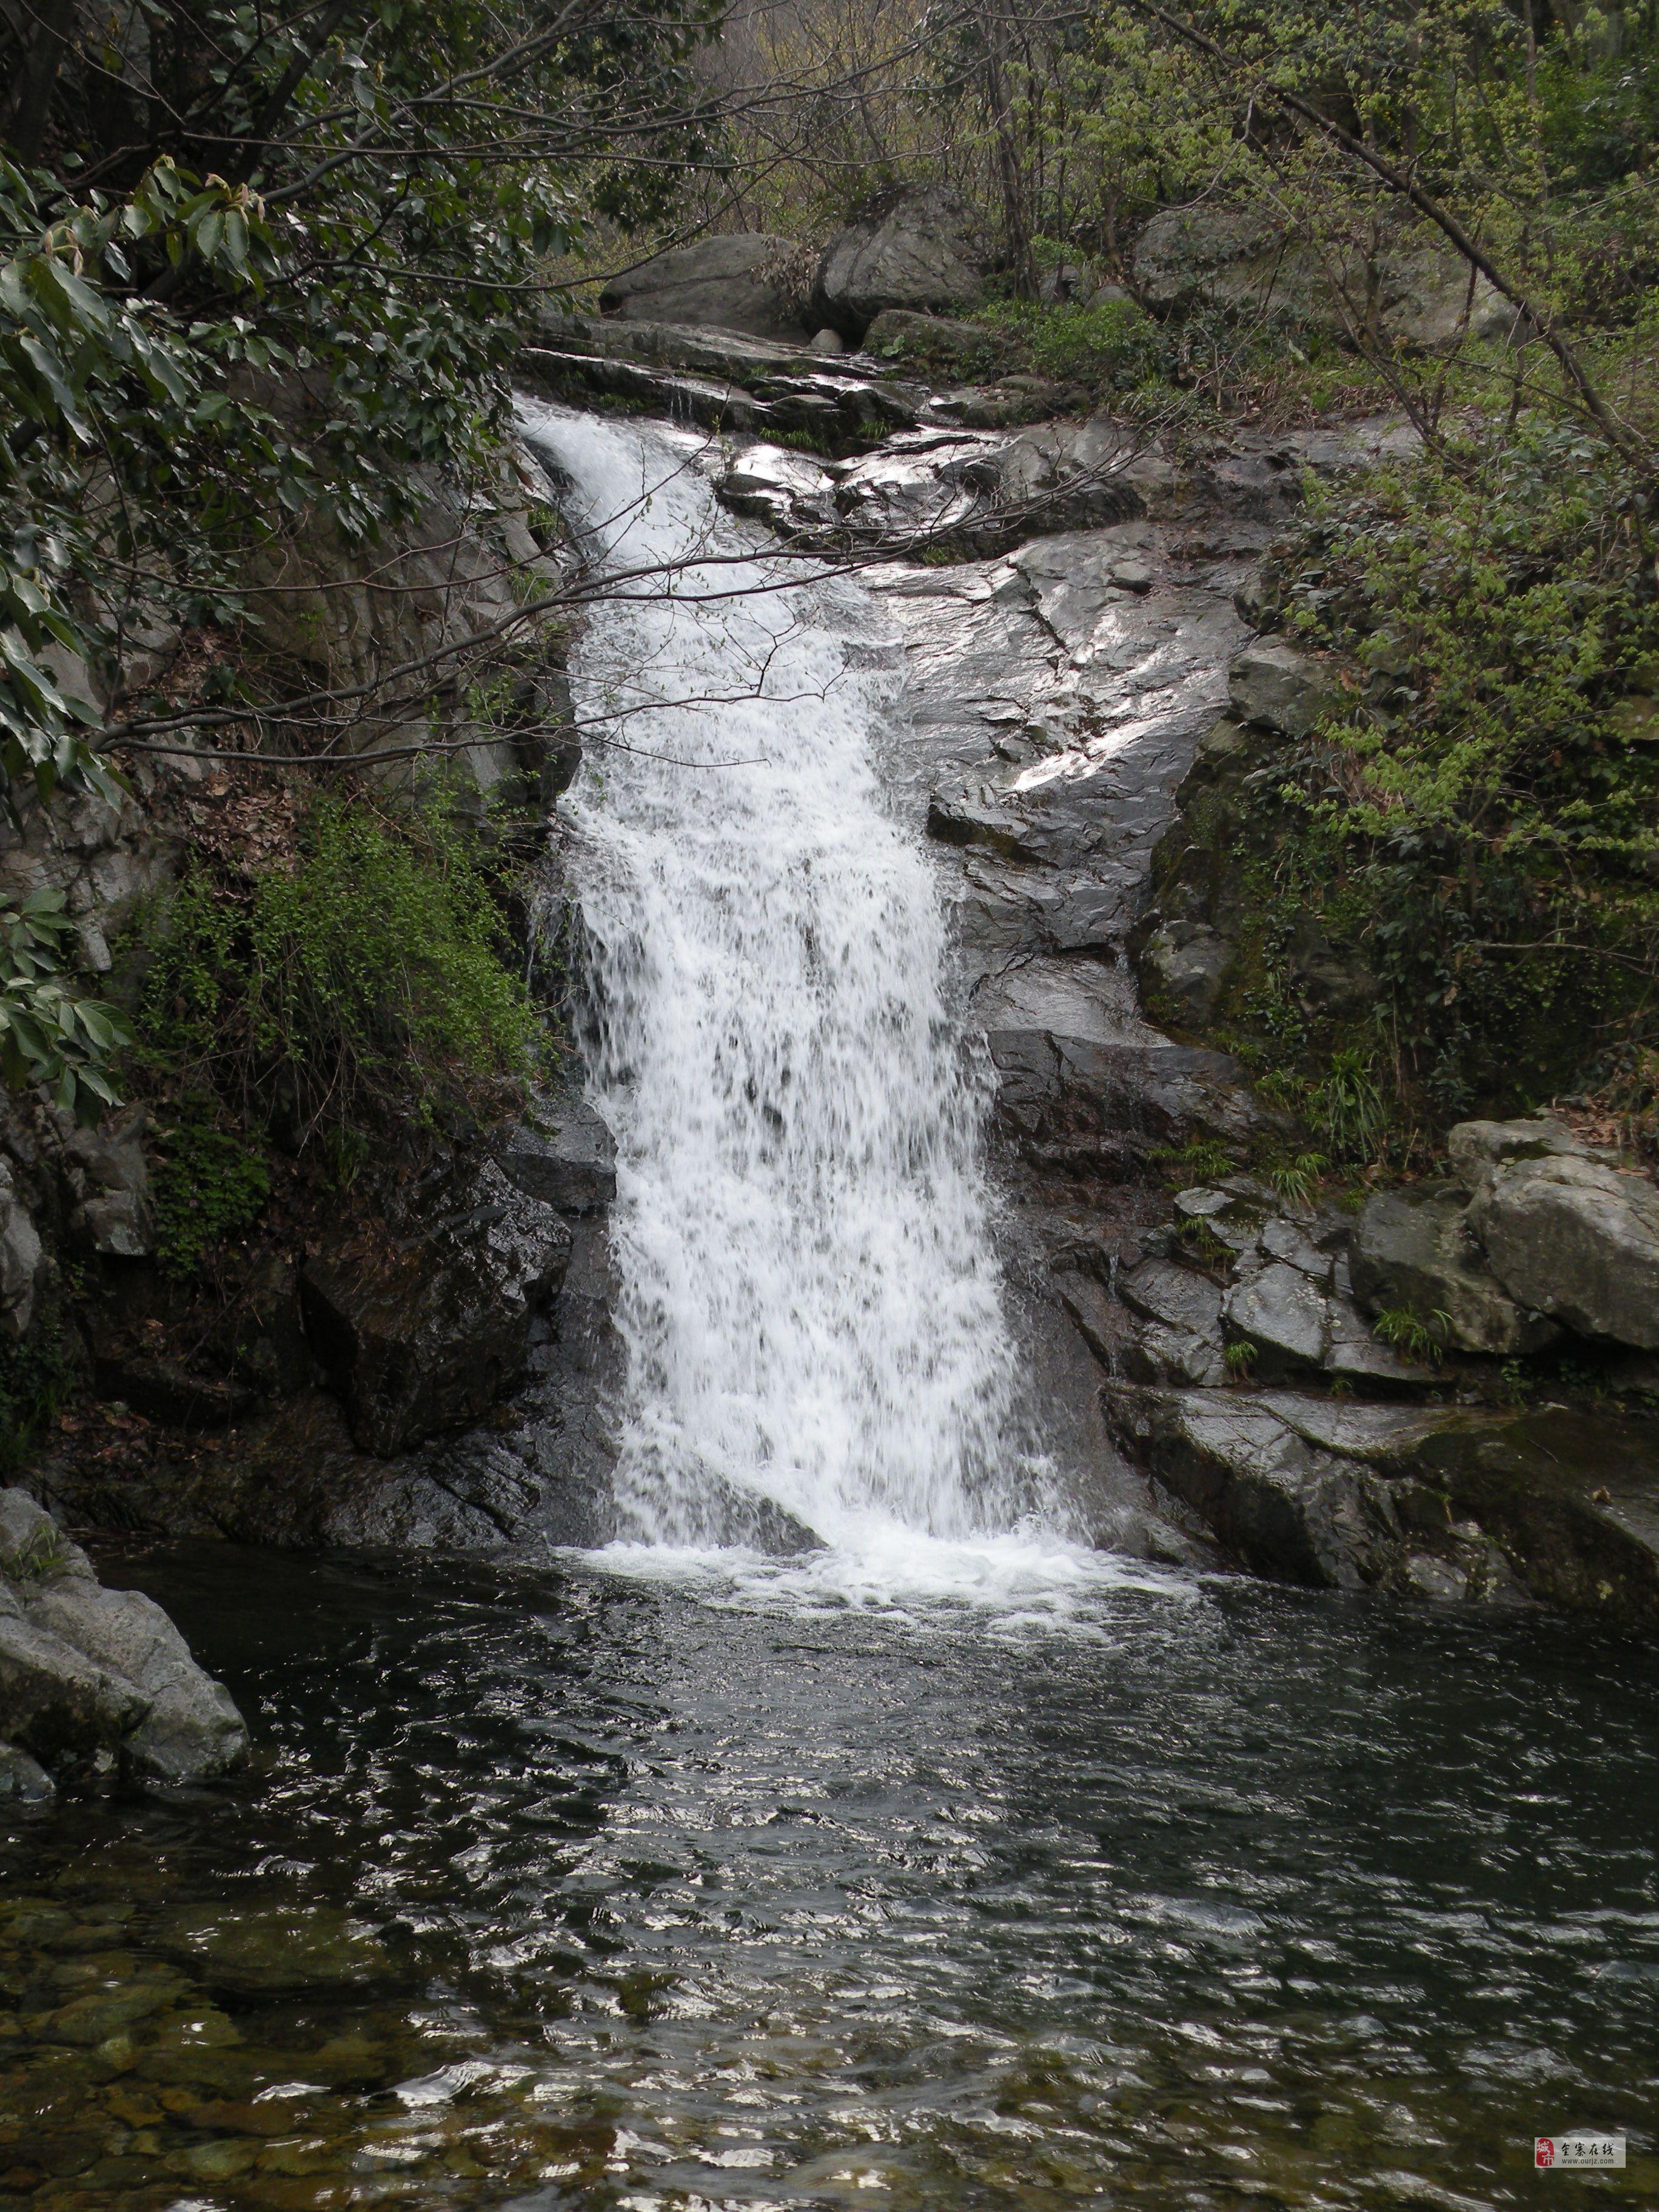 据统计,铁冲乡镜内有野生动物十几种,植物1000多种.